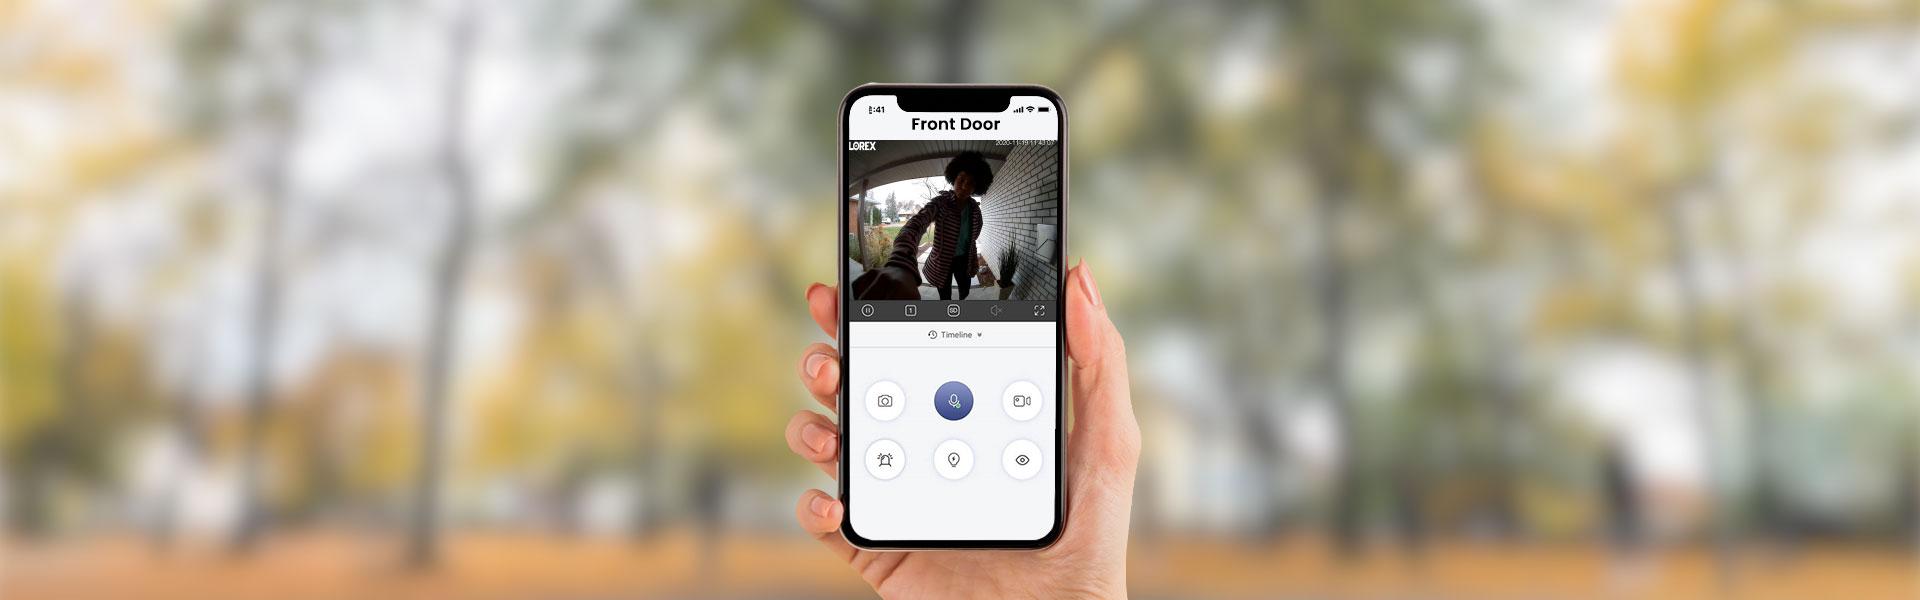 Doorbell cameras work with the Lorex Home App